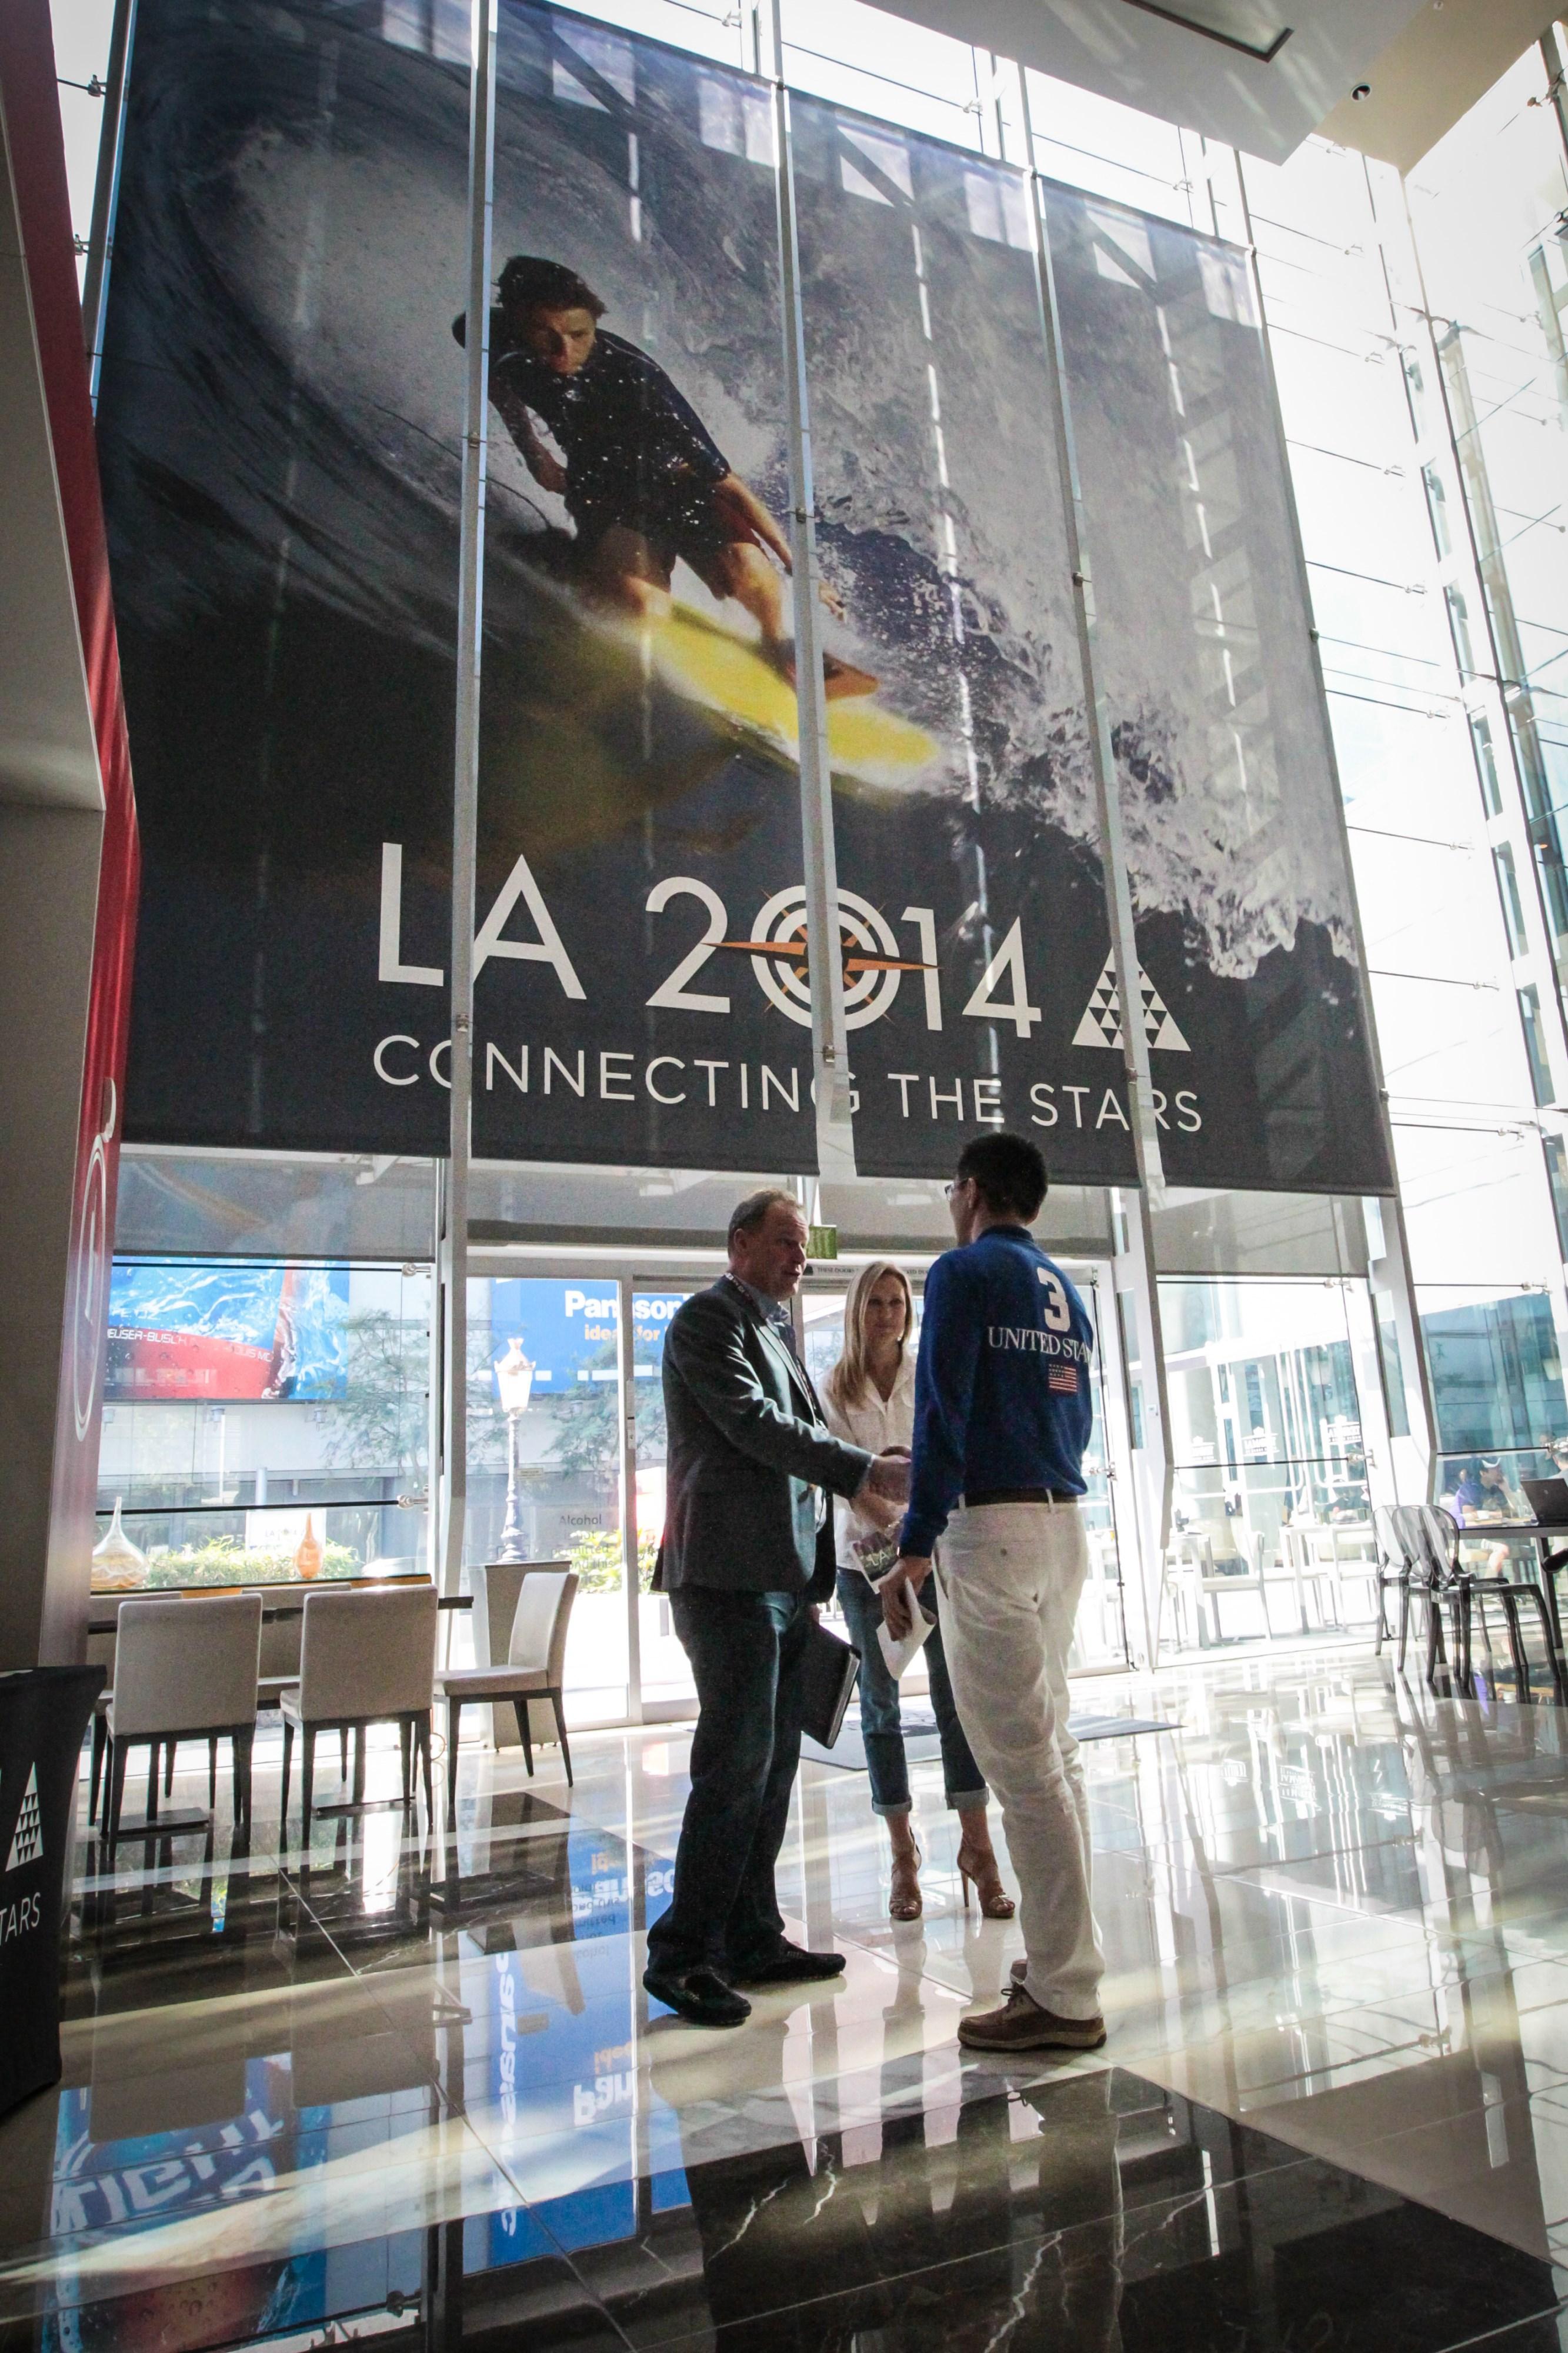 LA GLC 2014